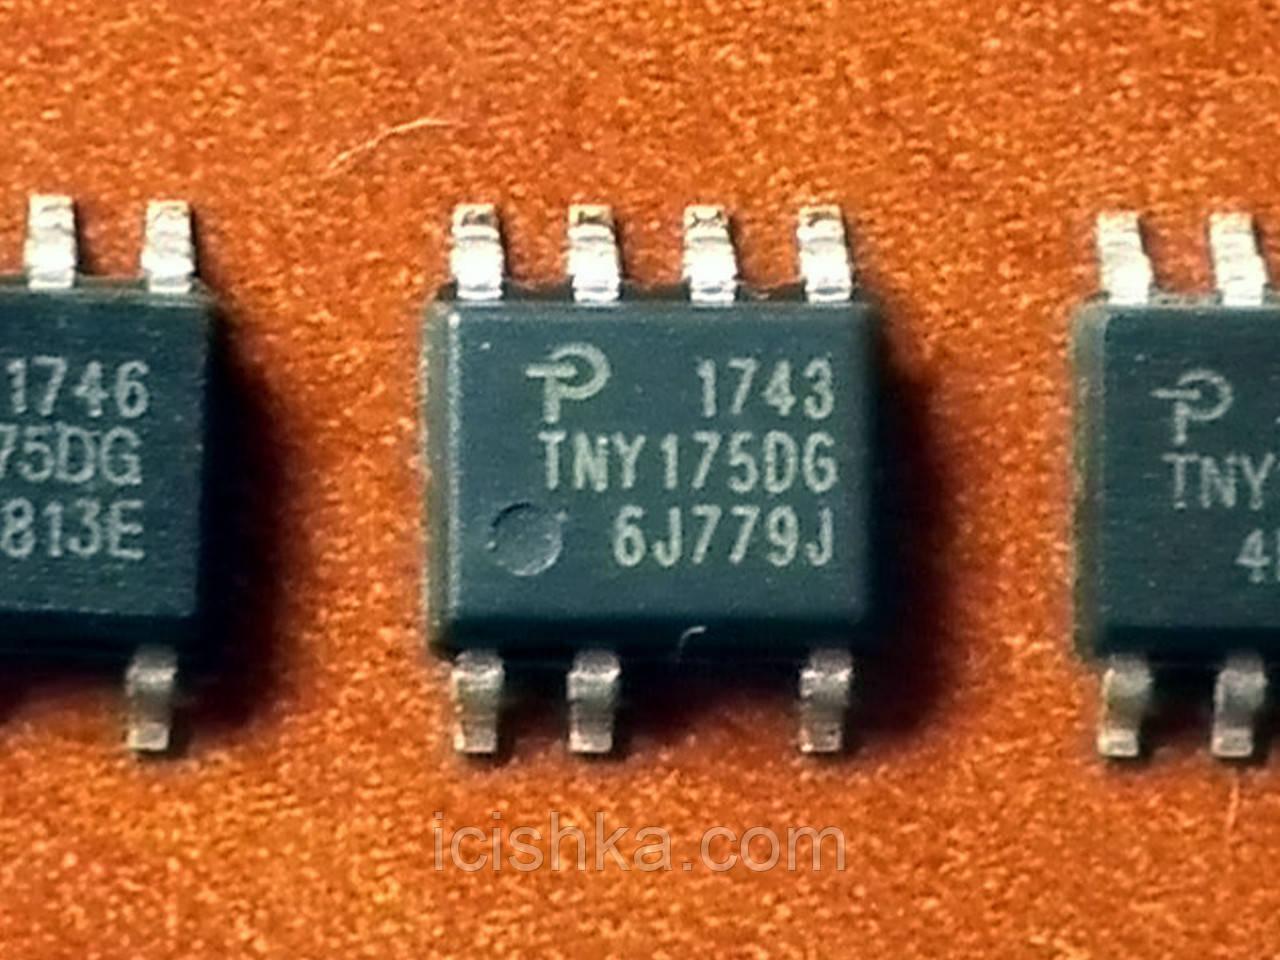 TNY175DG SOP7 - ШИМ контроллер для ИБП